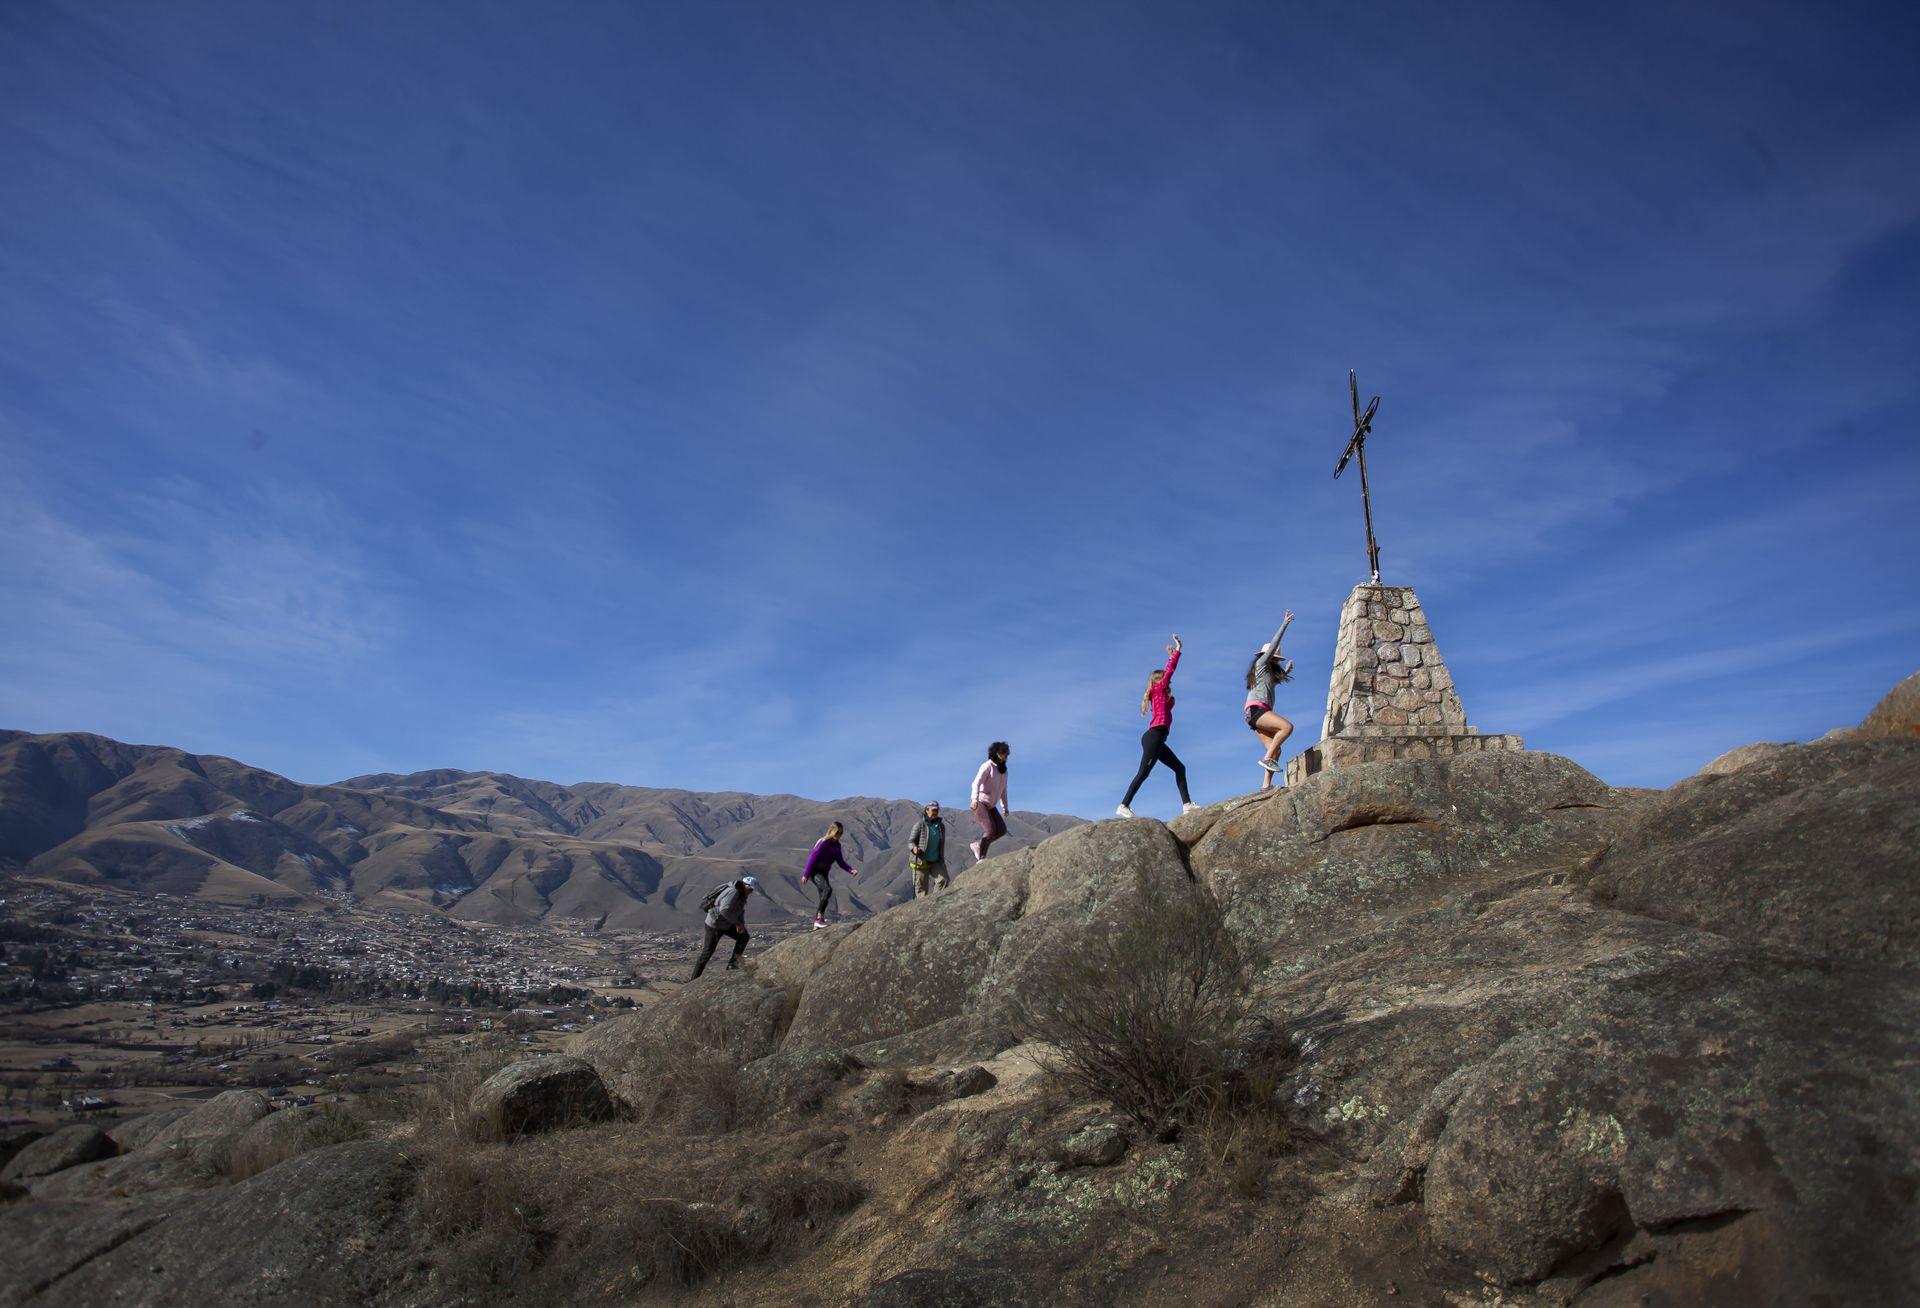 Ascenso al Cerro de la Cruz, uno de los trekkings para hacer por los alrededores a Tafí